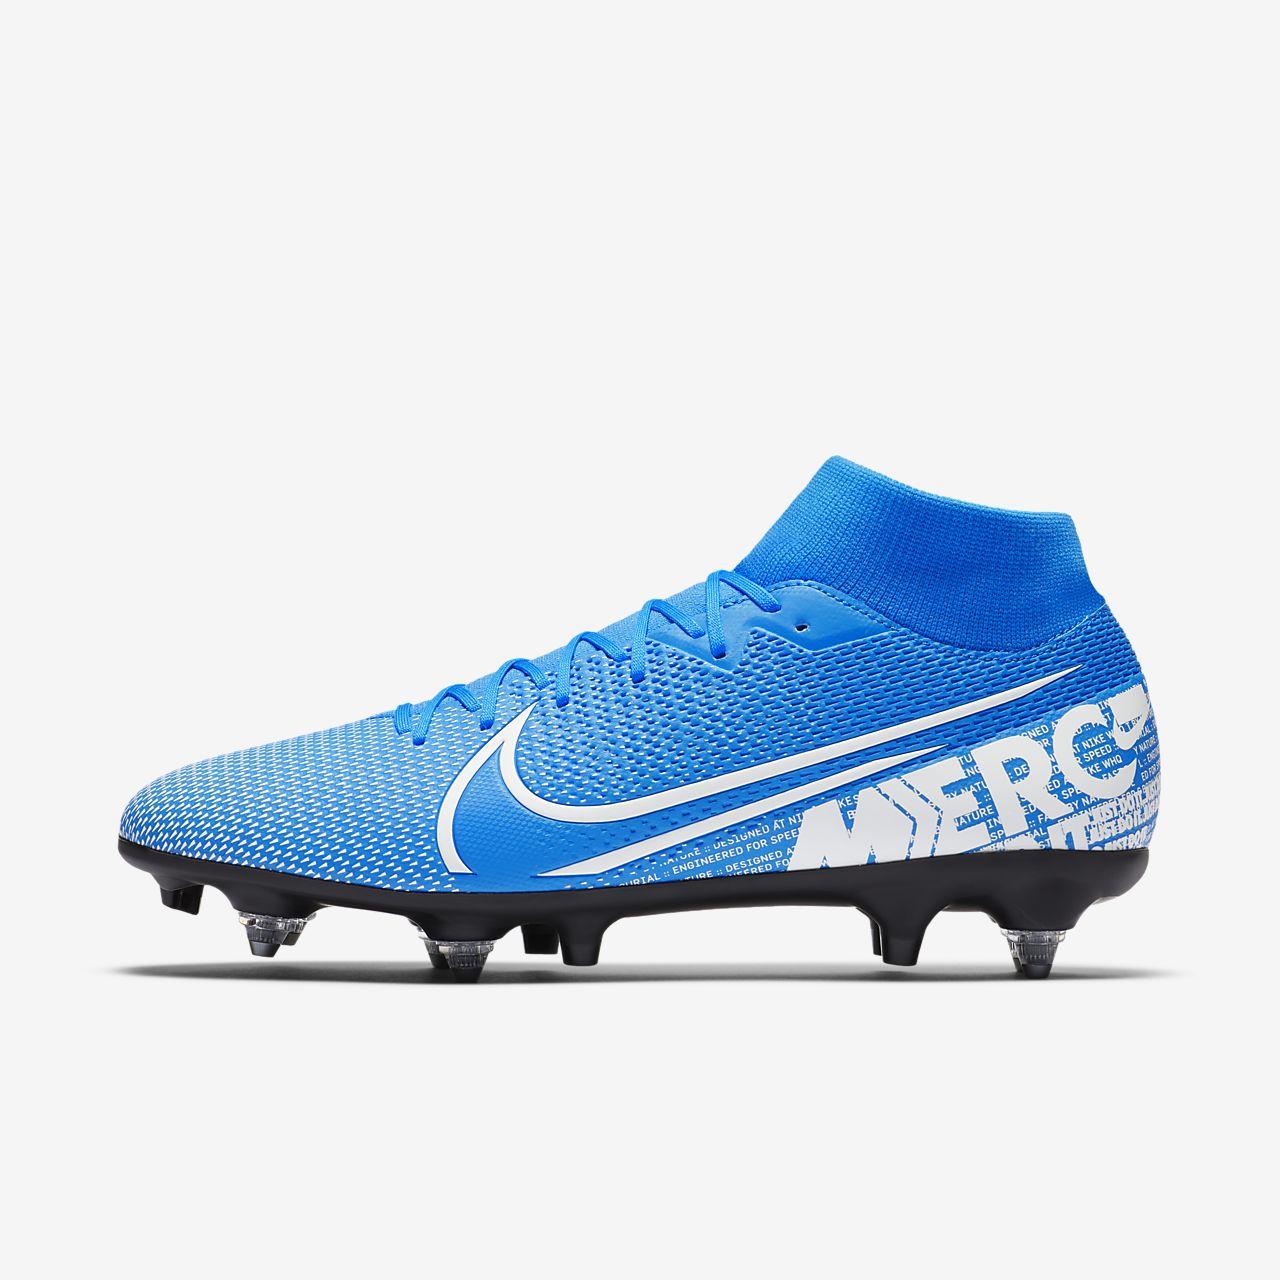 modèles à la mode guetter meilleurs prix Chaussure de football à crampons pour terrain gras Nike Mercurial Superfly  7 Academy SG-PRO Anti-Clog Traction